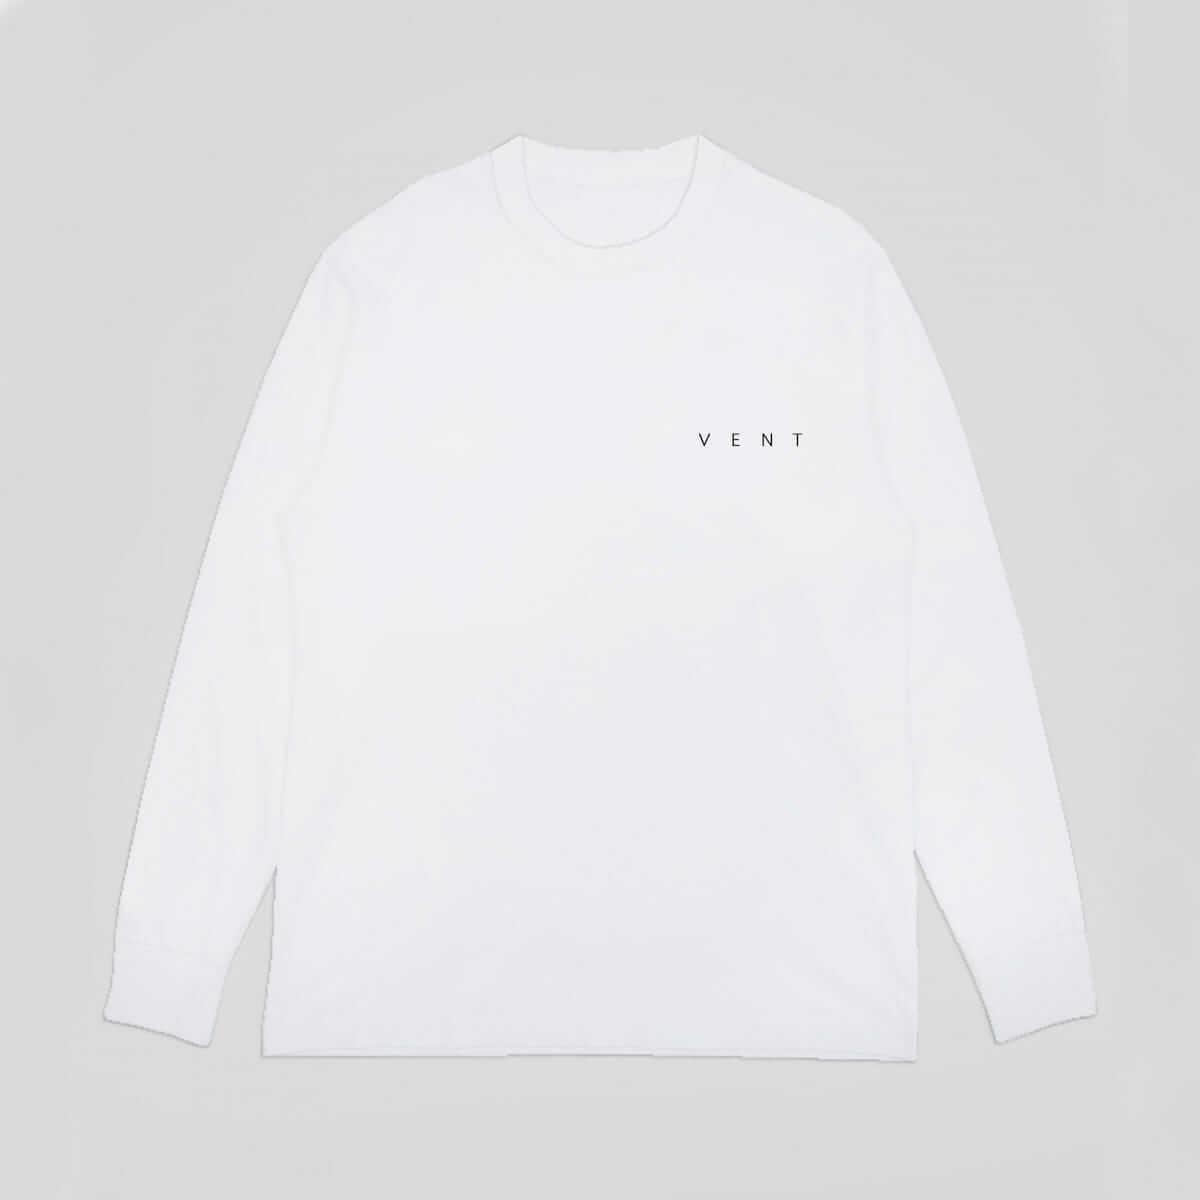 表参道VENTが2周年パーティーを記念して、YoshirottenとのコラボTシャツを発売 music180816-vent-yoshirotten-4-1200x1200